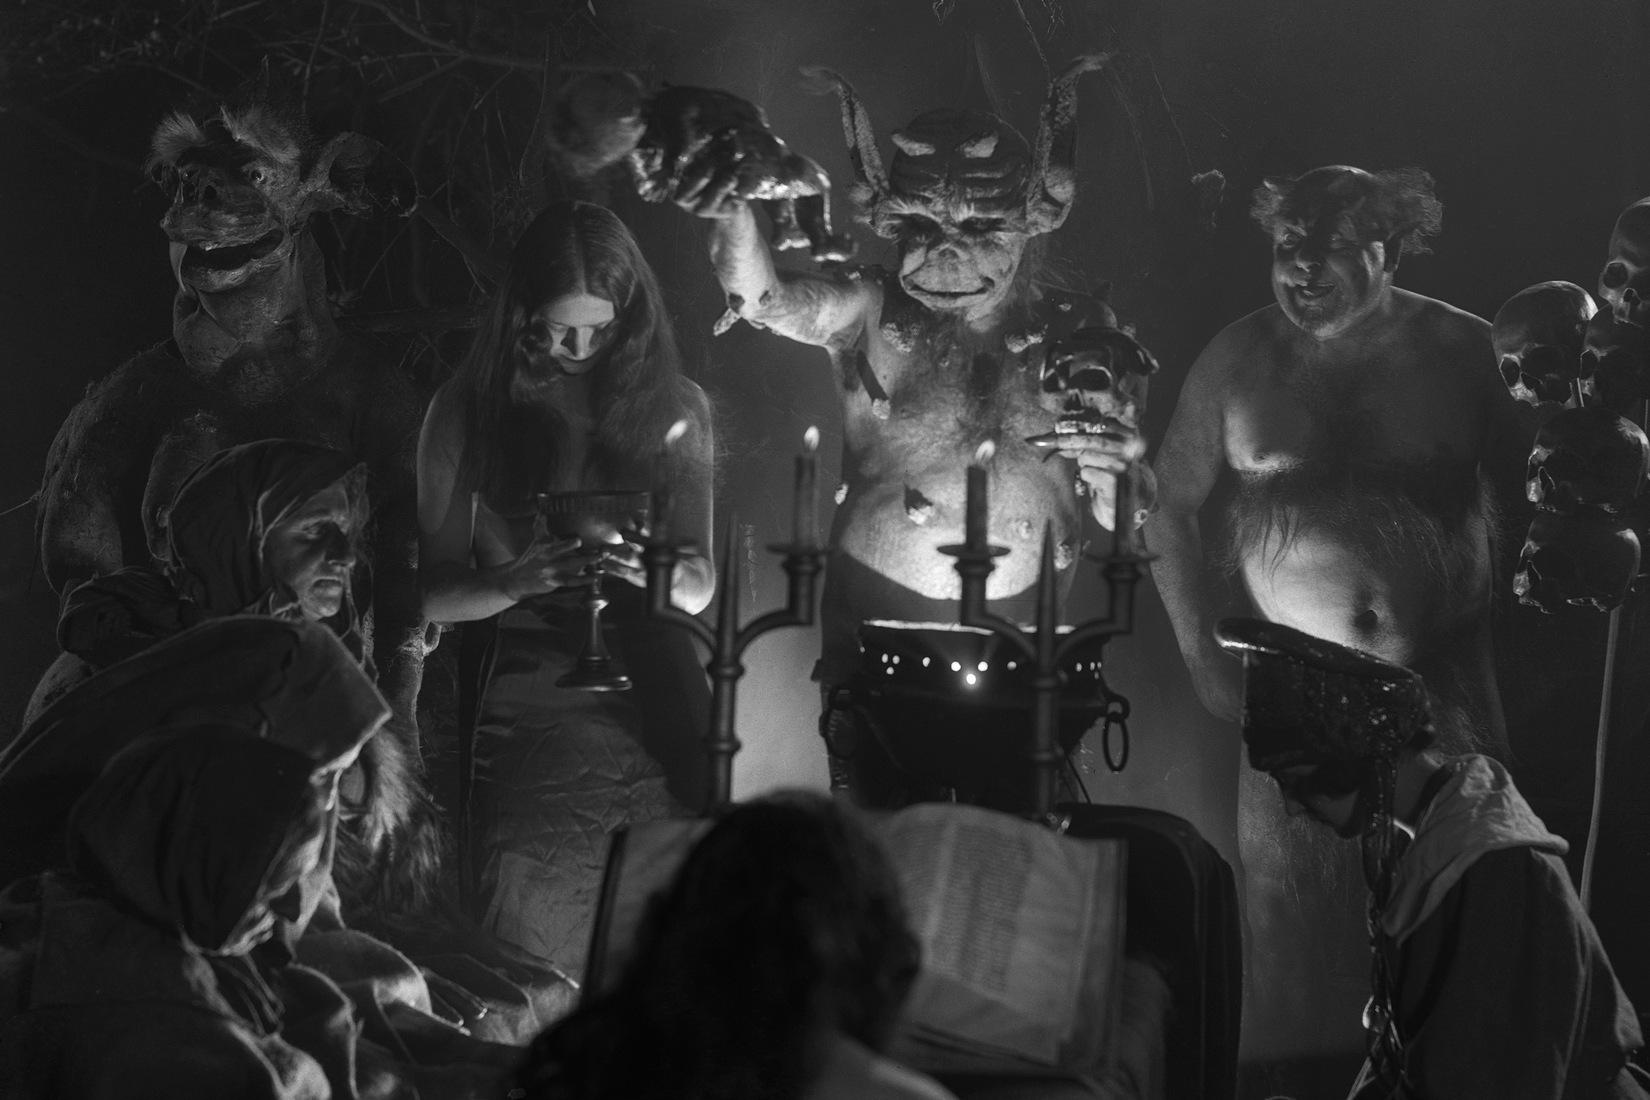 image en noir et blanc tirée du film Häxan : un rassemblement de socrières et démons éclairés par la lumière d'une bougie